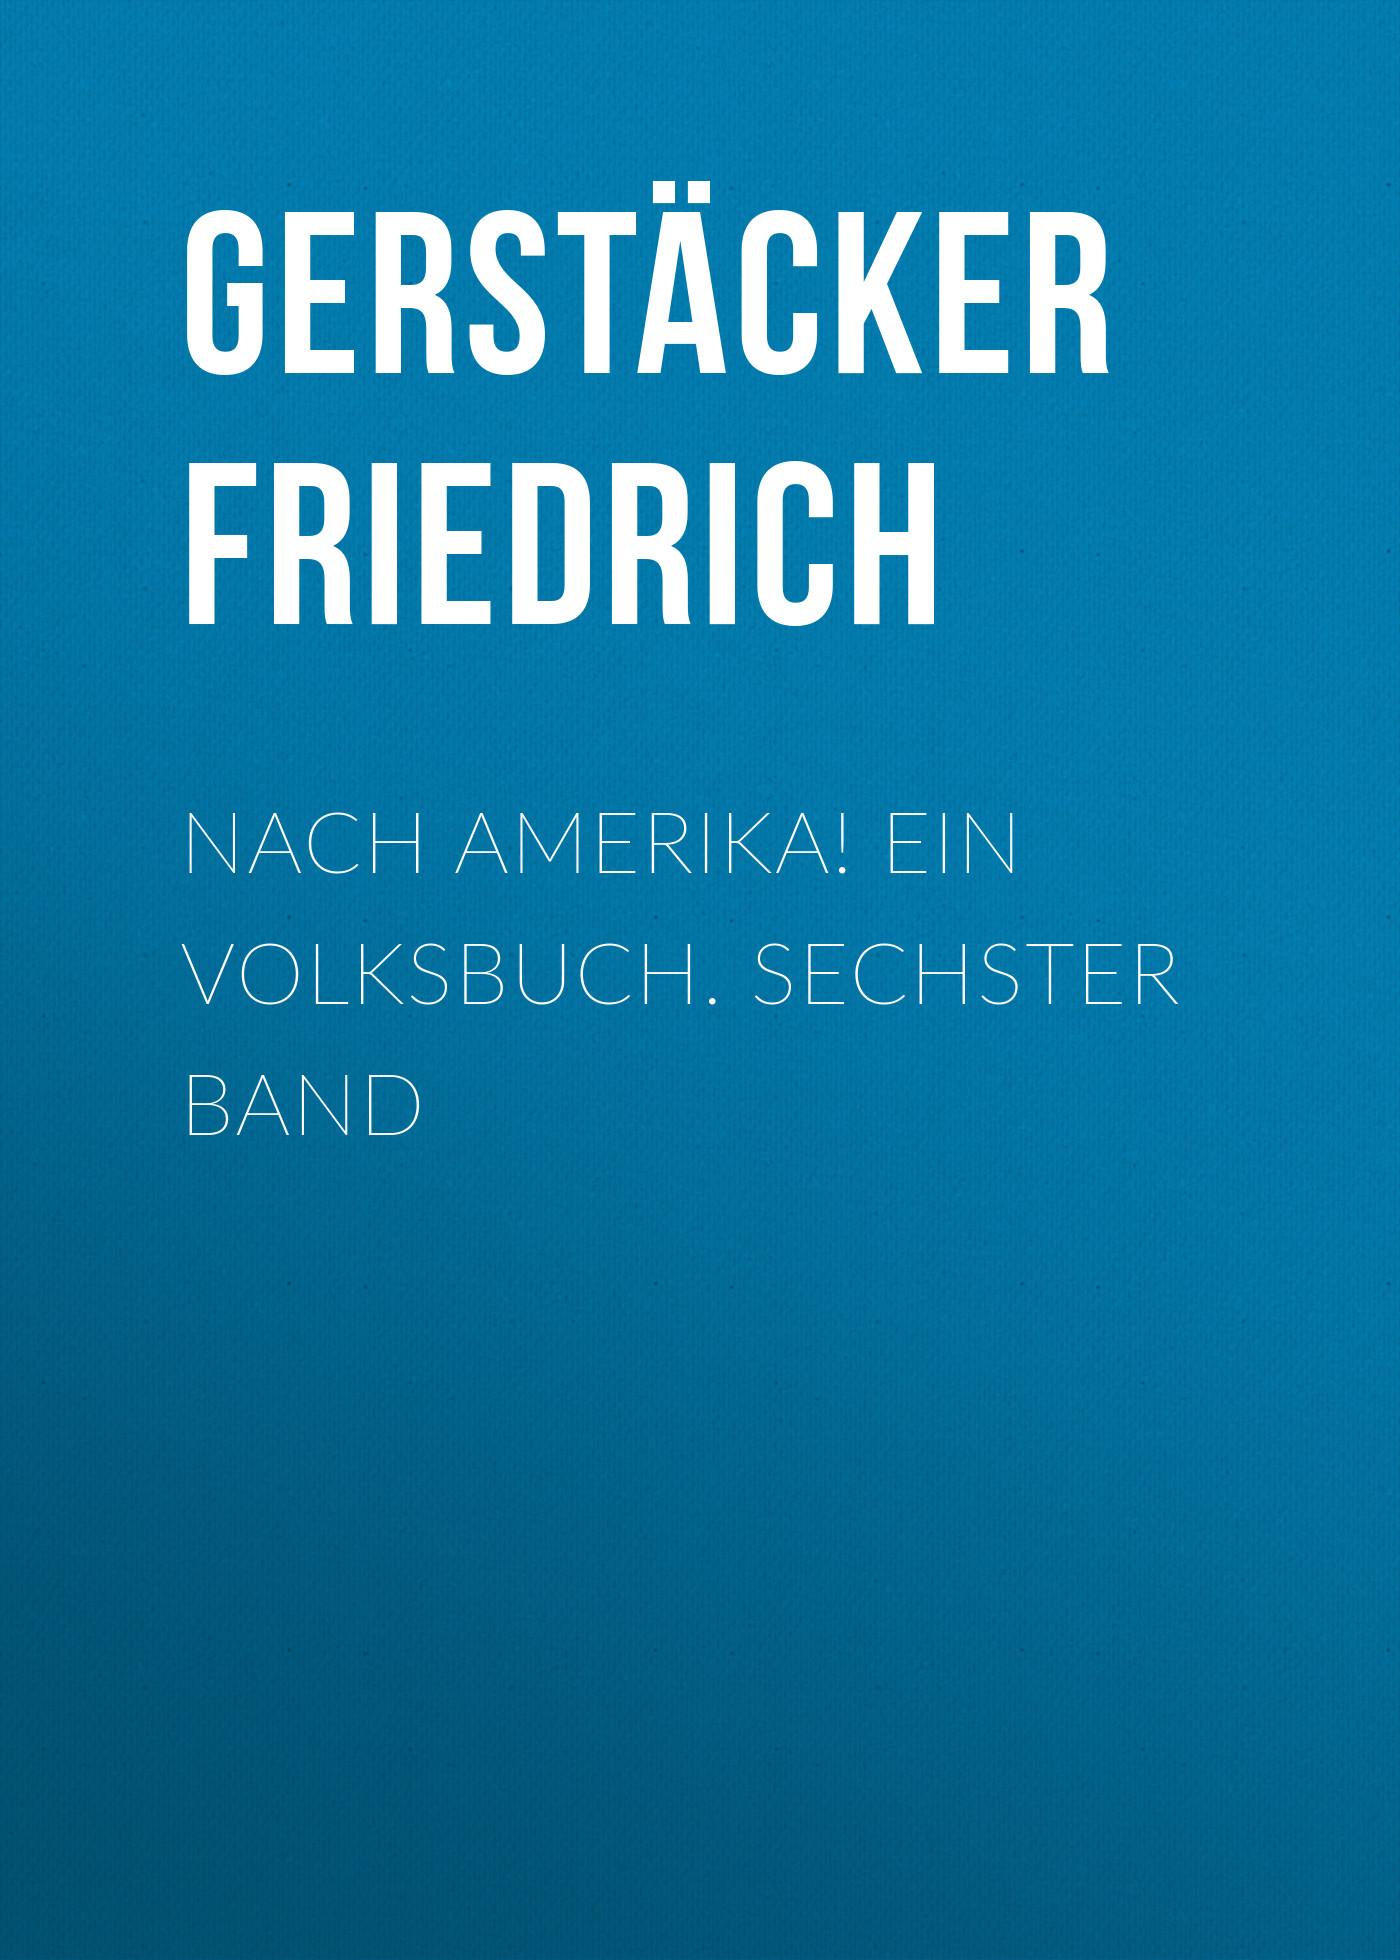 Gerstäcker Friedrich Nach Amerika! Ein Volksbuch. Sechster Band nach dinner bell